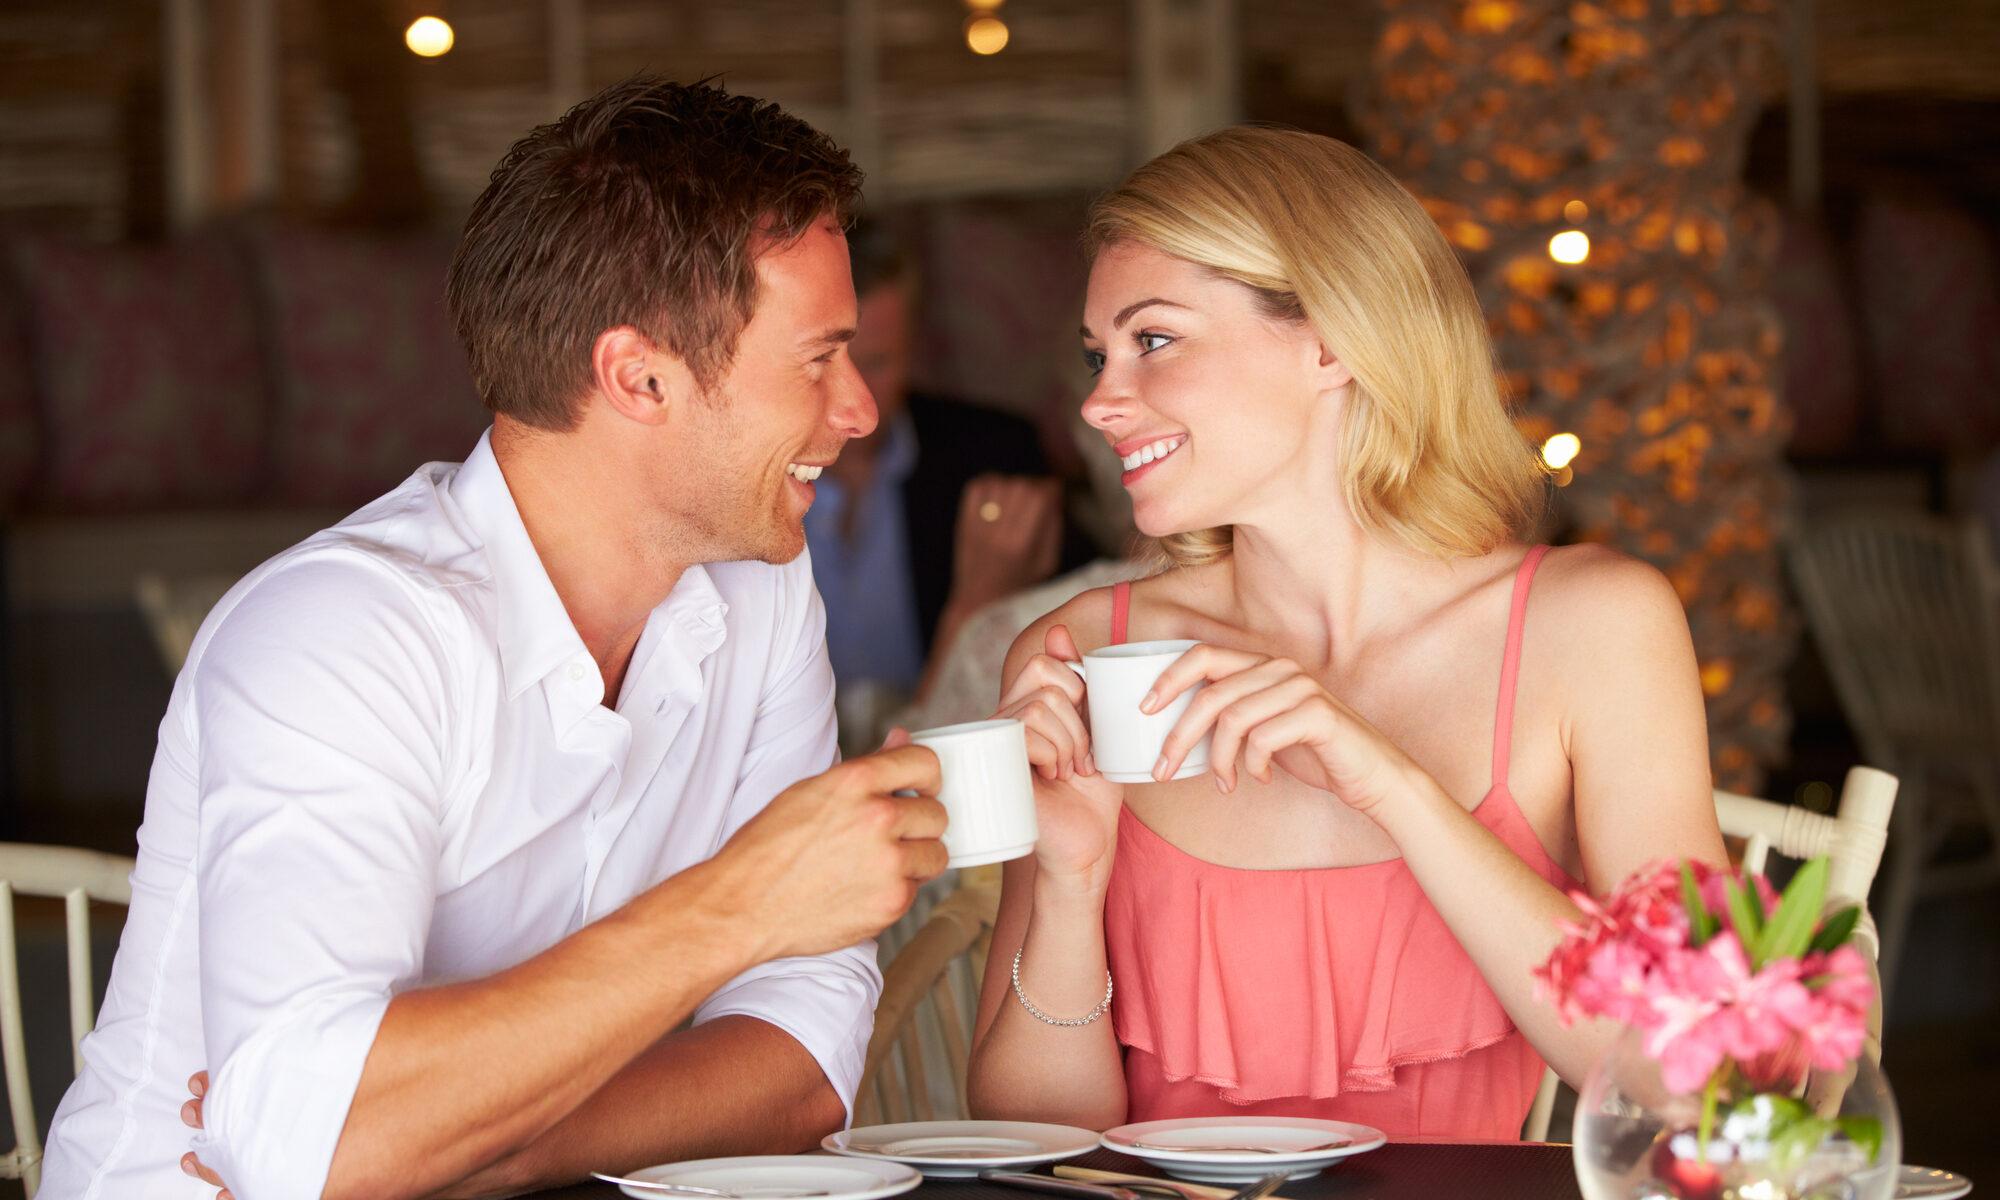 Mann und Frau beim ersten Date